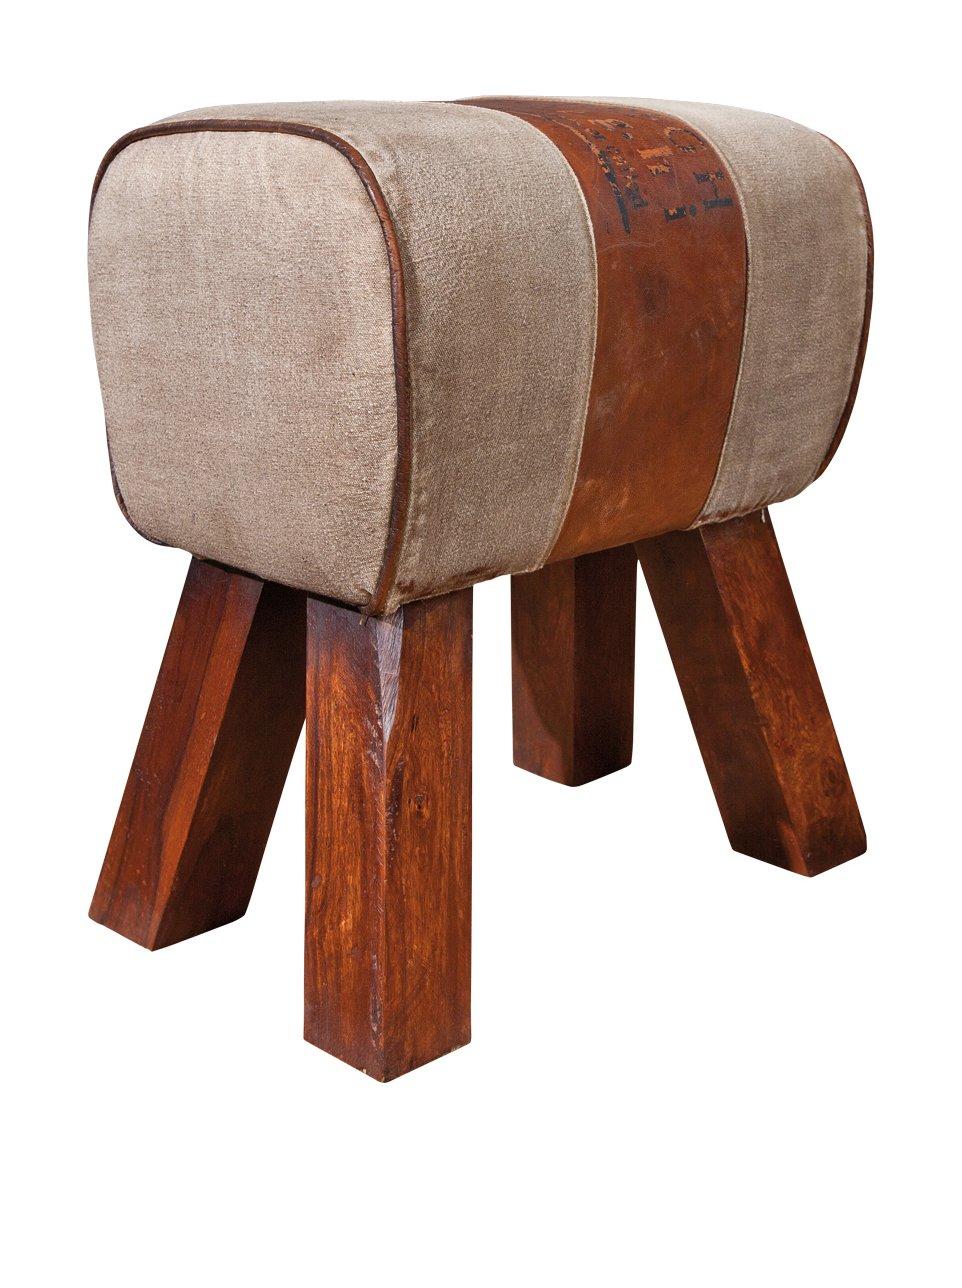 Links 86300355 Stromboli Sitzsack mit Fuß aus Holz Canvas Leder braun 43 x 30 x 47,5 cm